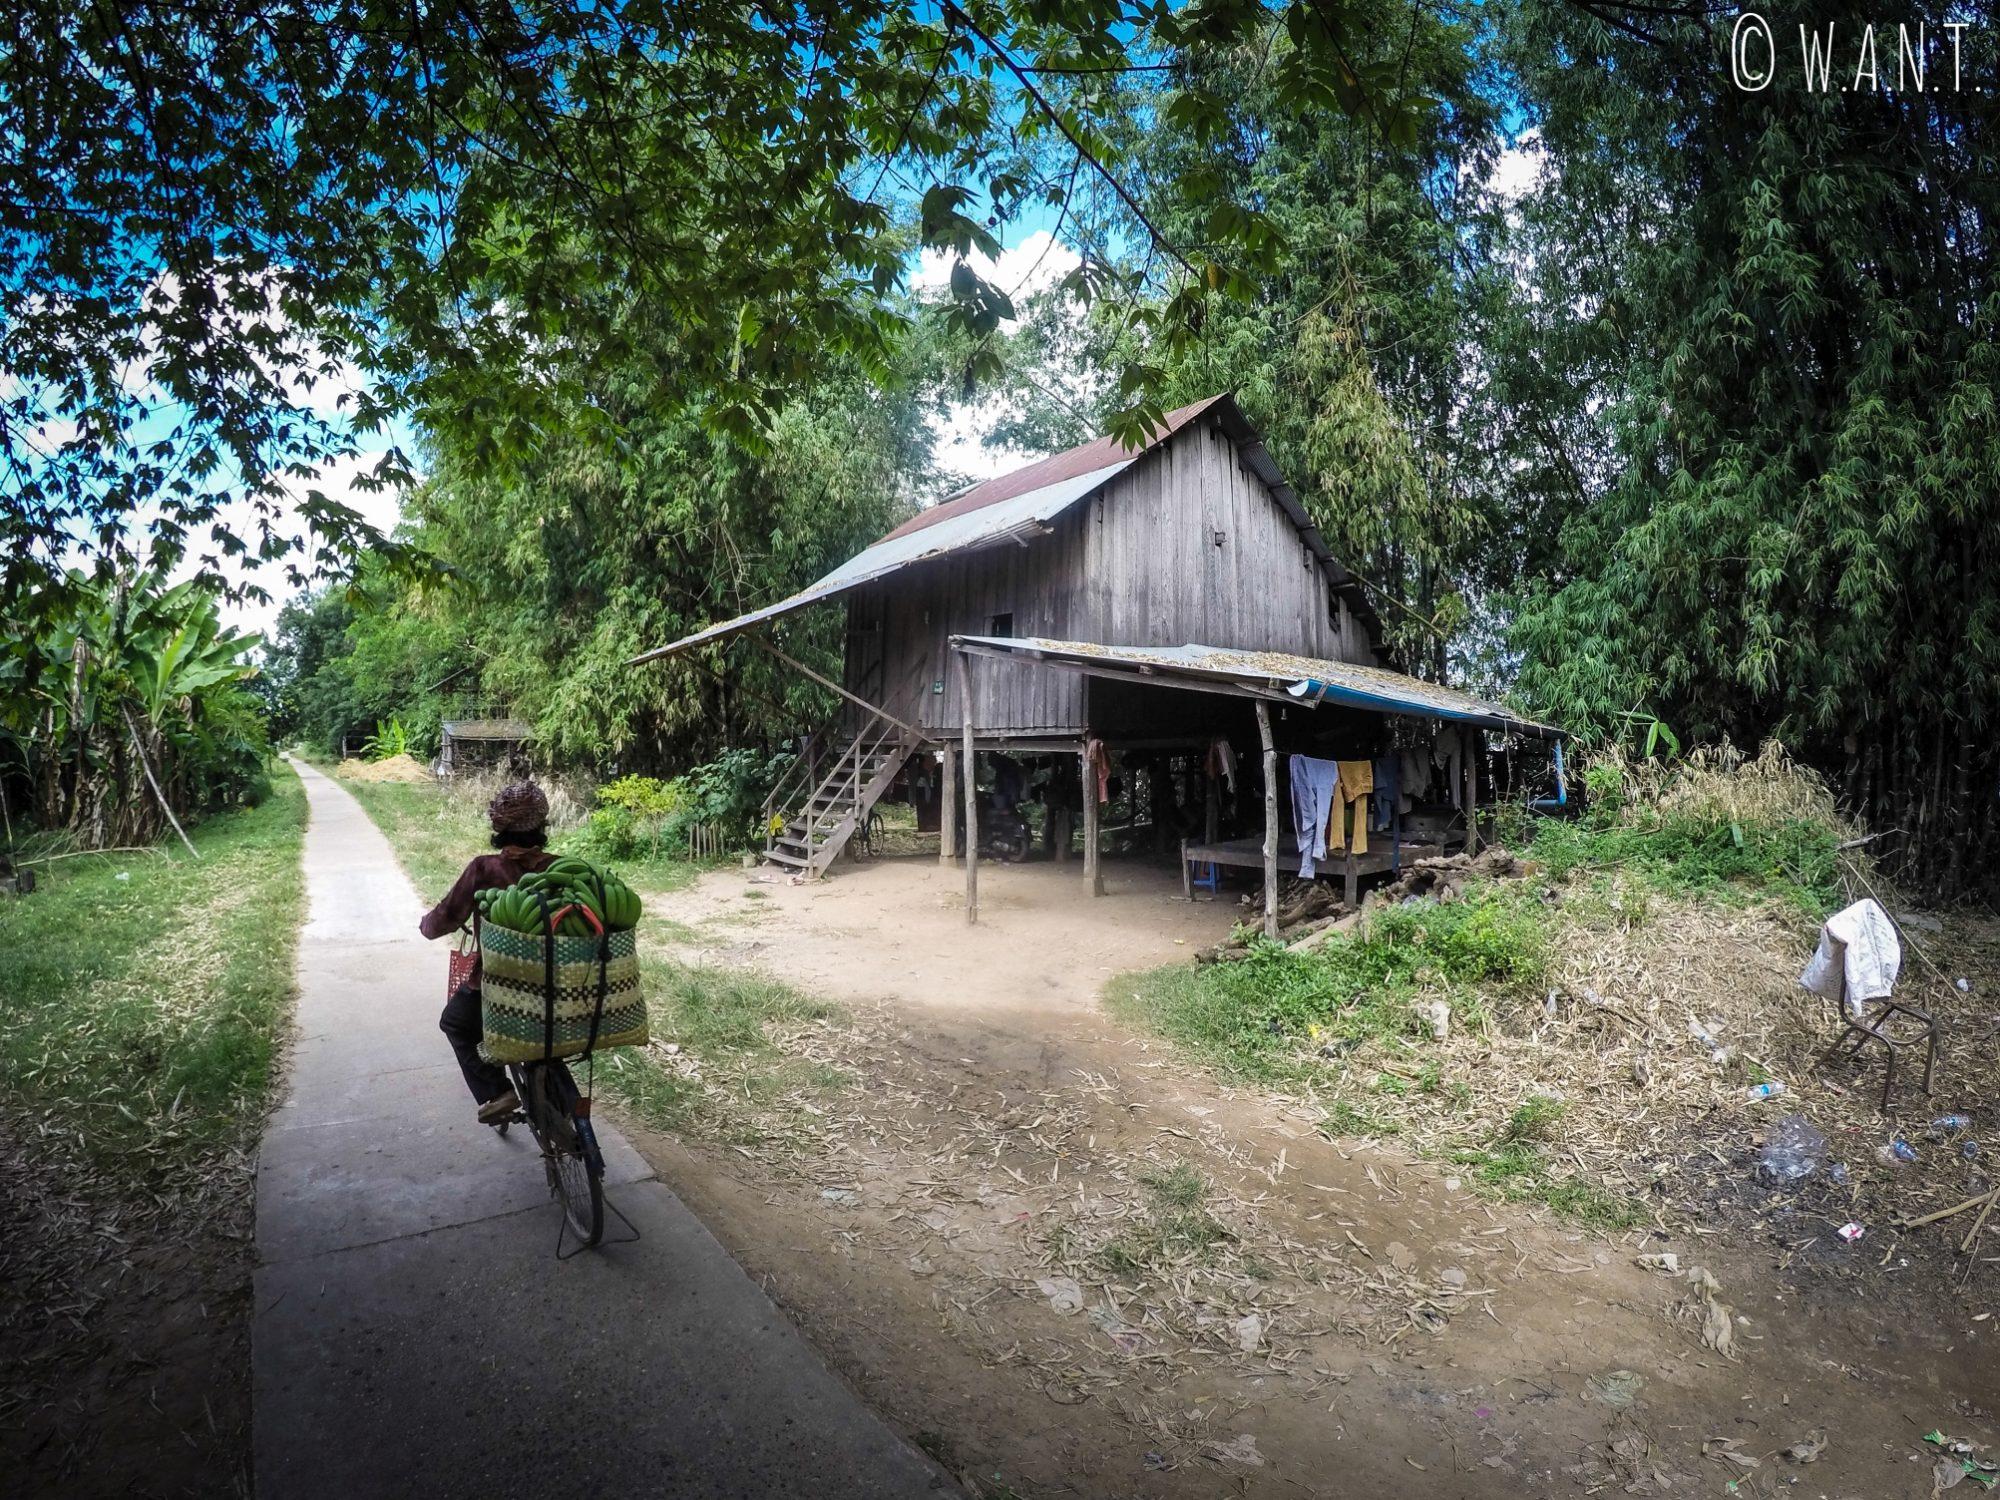 Maison sur pilotis et vendeuse de bananes sur l'île de Koh Trong